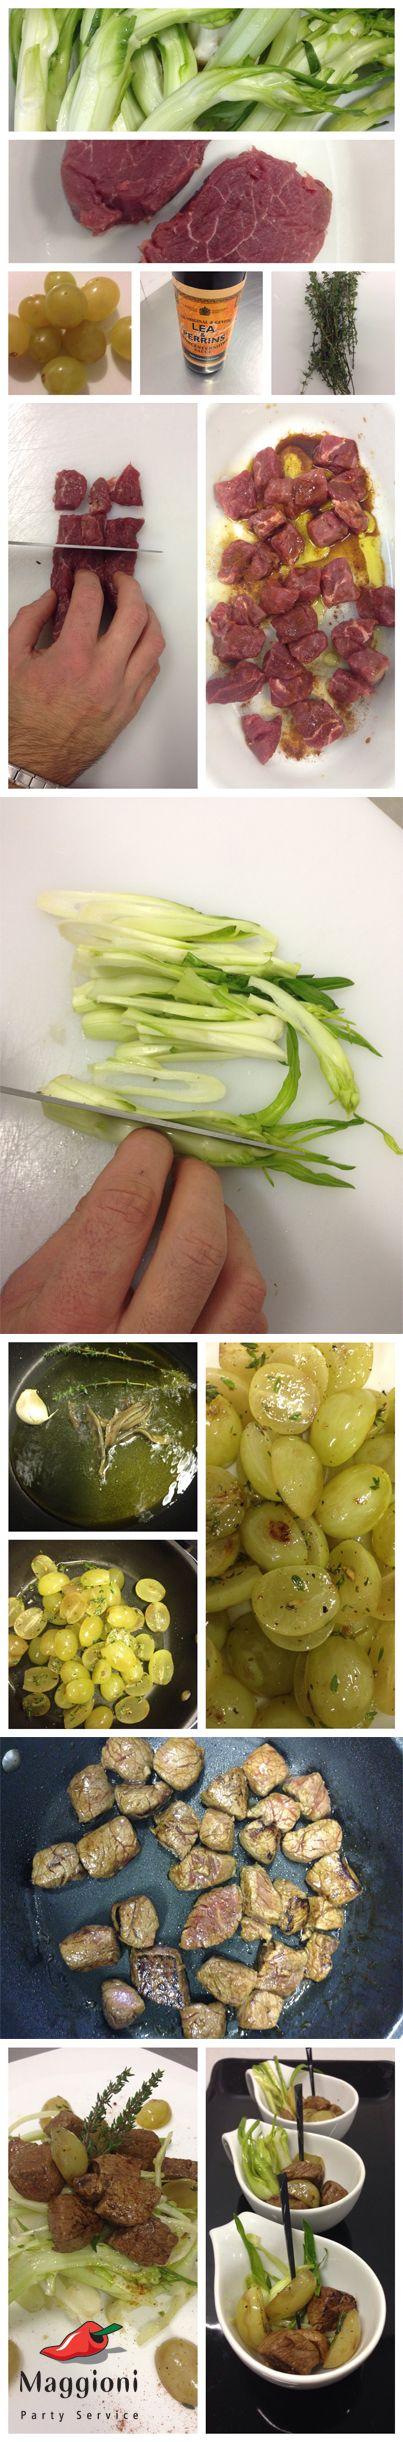 Questa settimana vi proponiamo una ricetta e due idee per presentarla sulla vostra tavola: insalatina croccante di puntarelle con filetto di manzo e uva tardiva profumata al timo